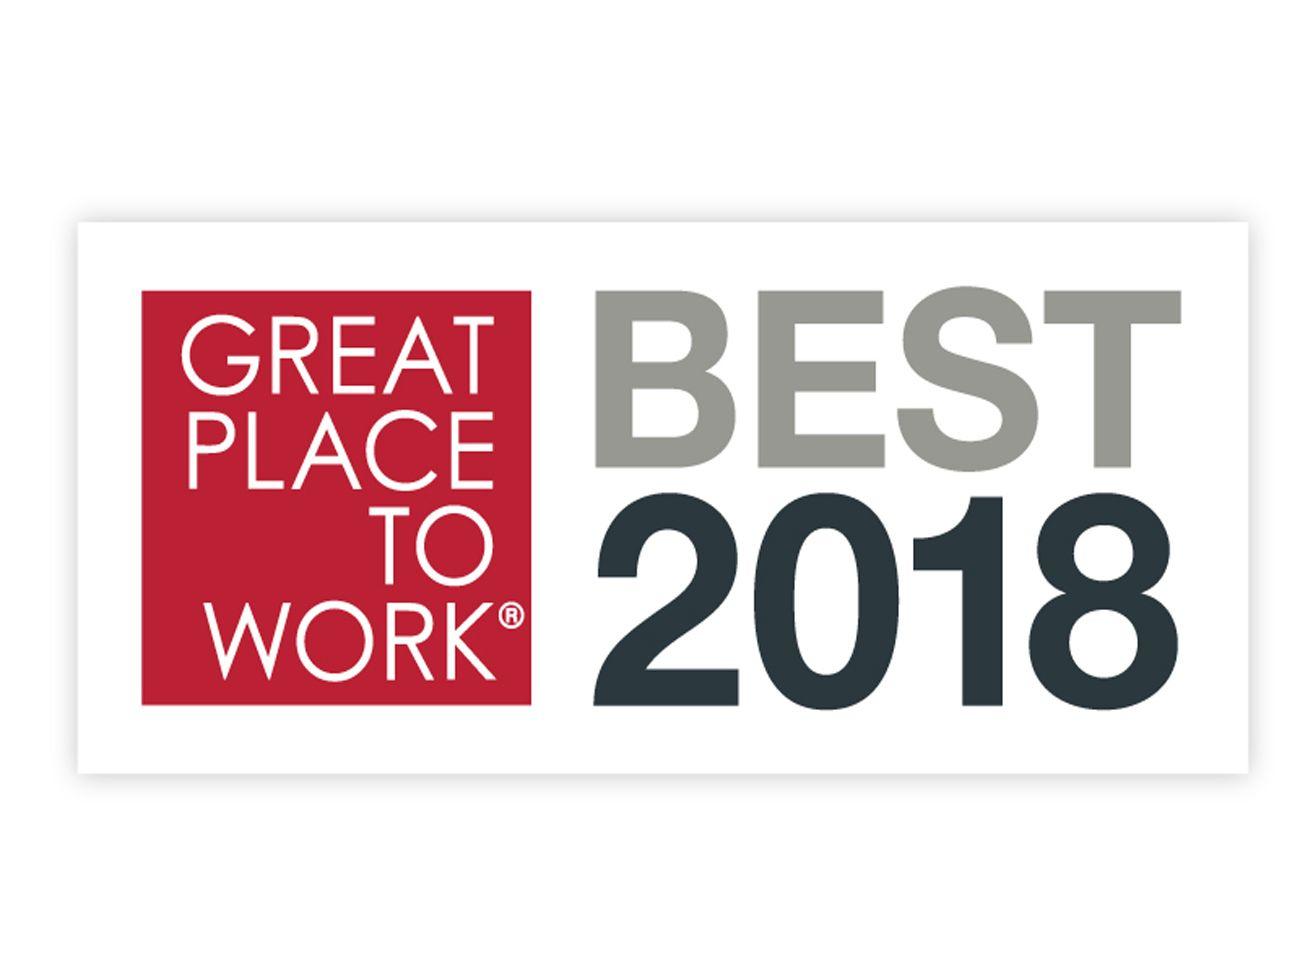 2018'in En İyi İşverenleri (Great Place to Work) Ödülleri